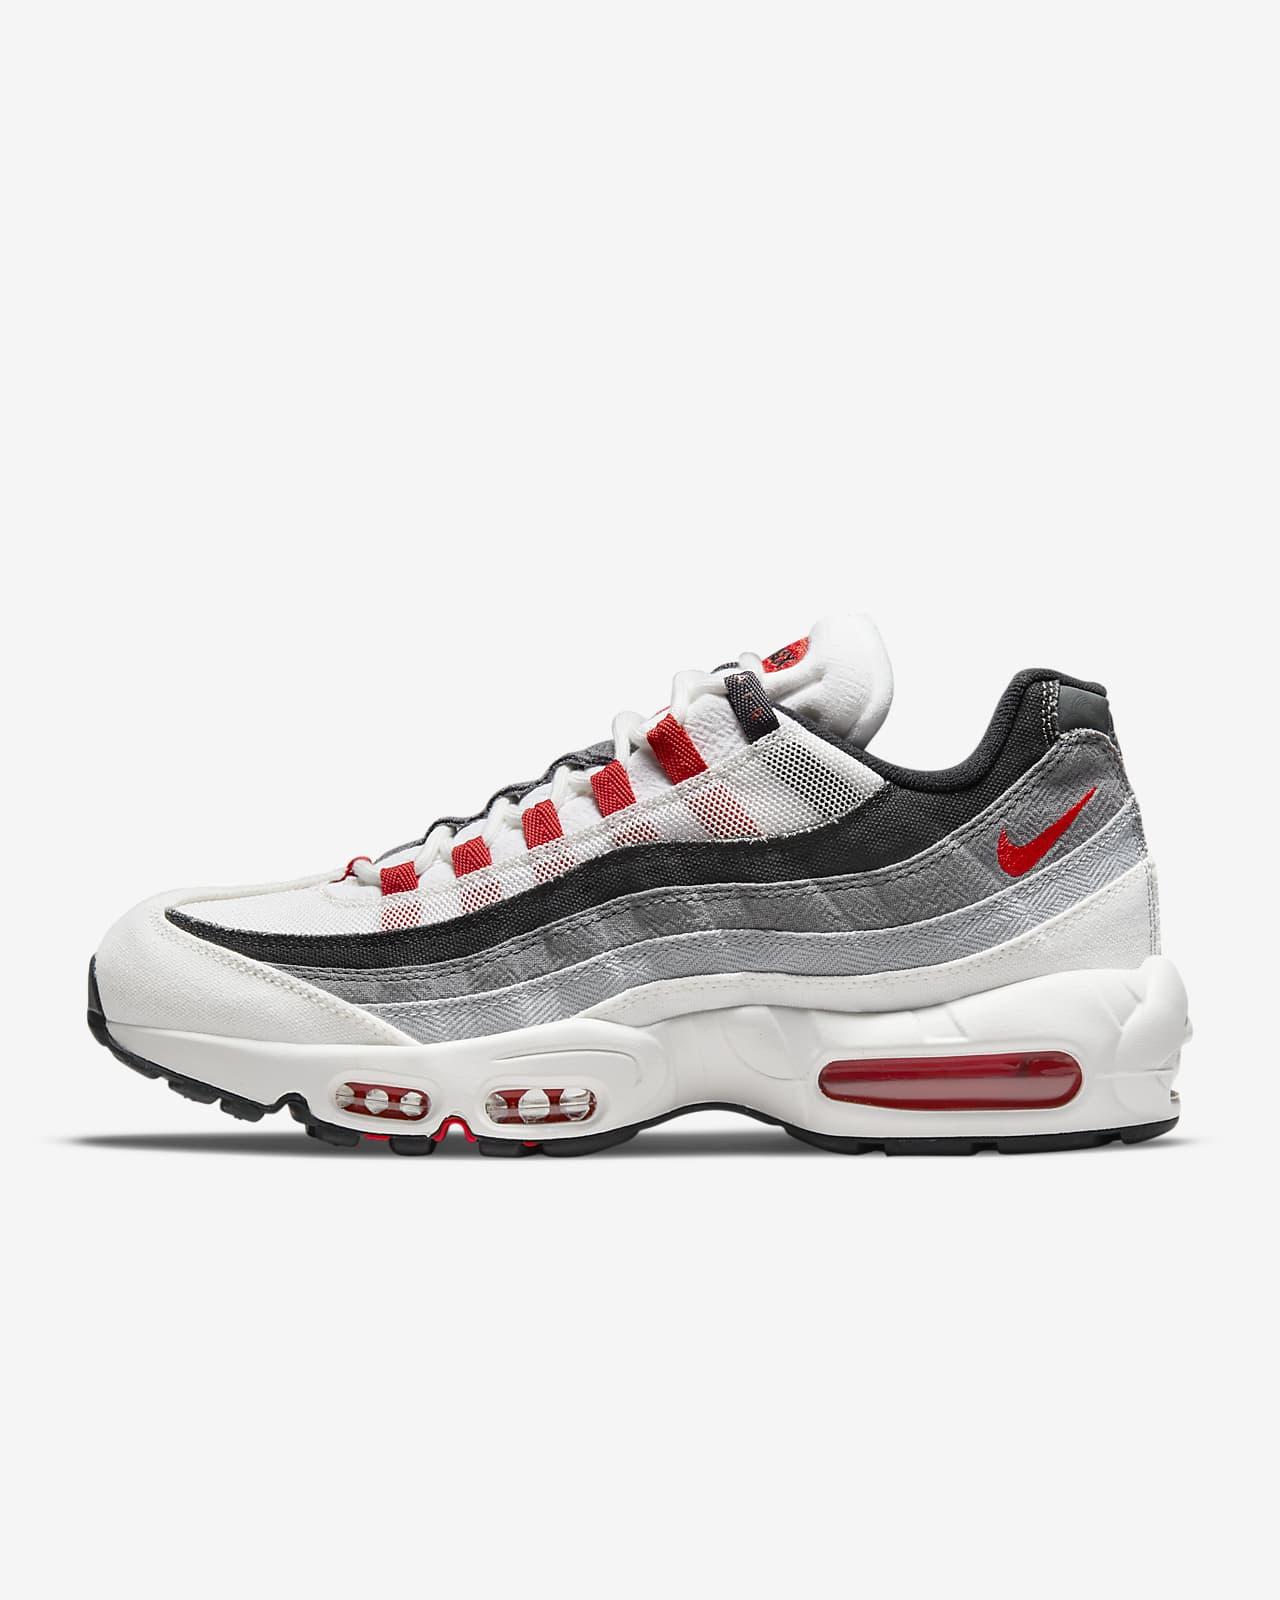 Nike Air Max 95 Shoes